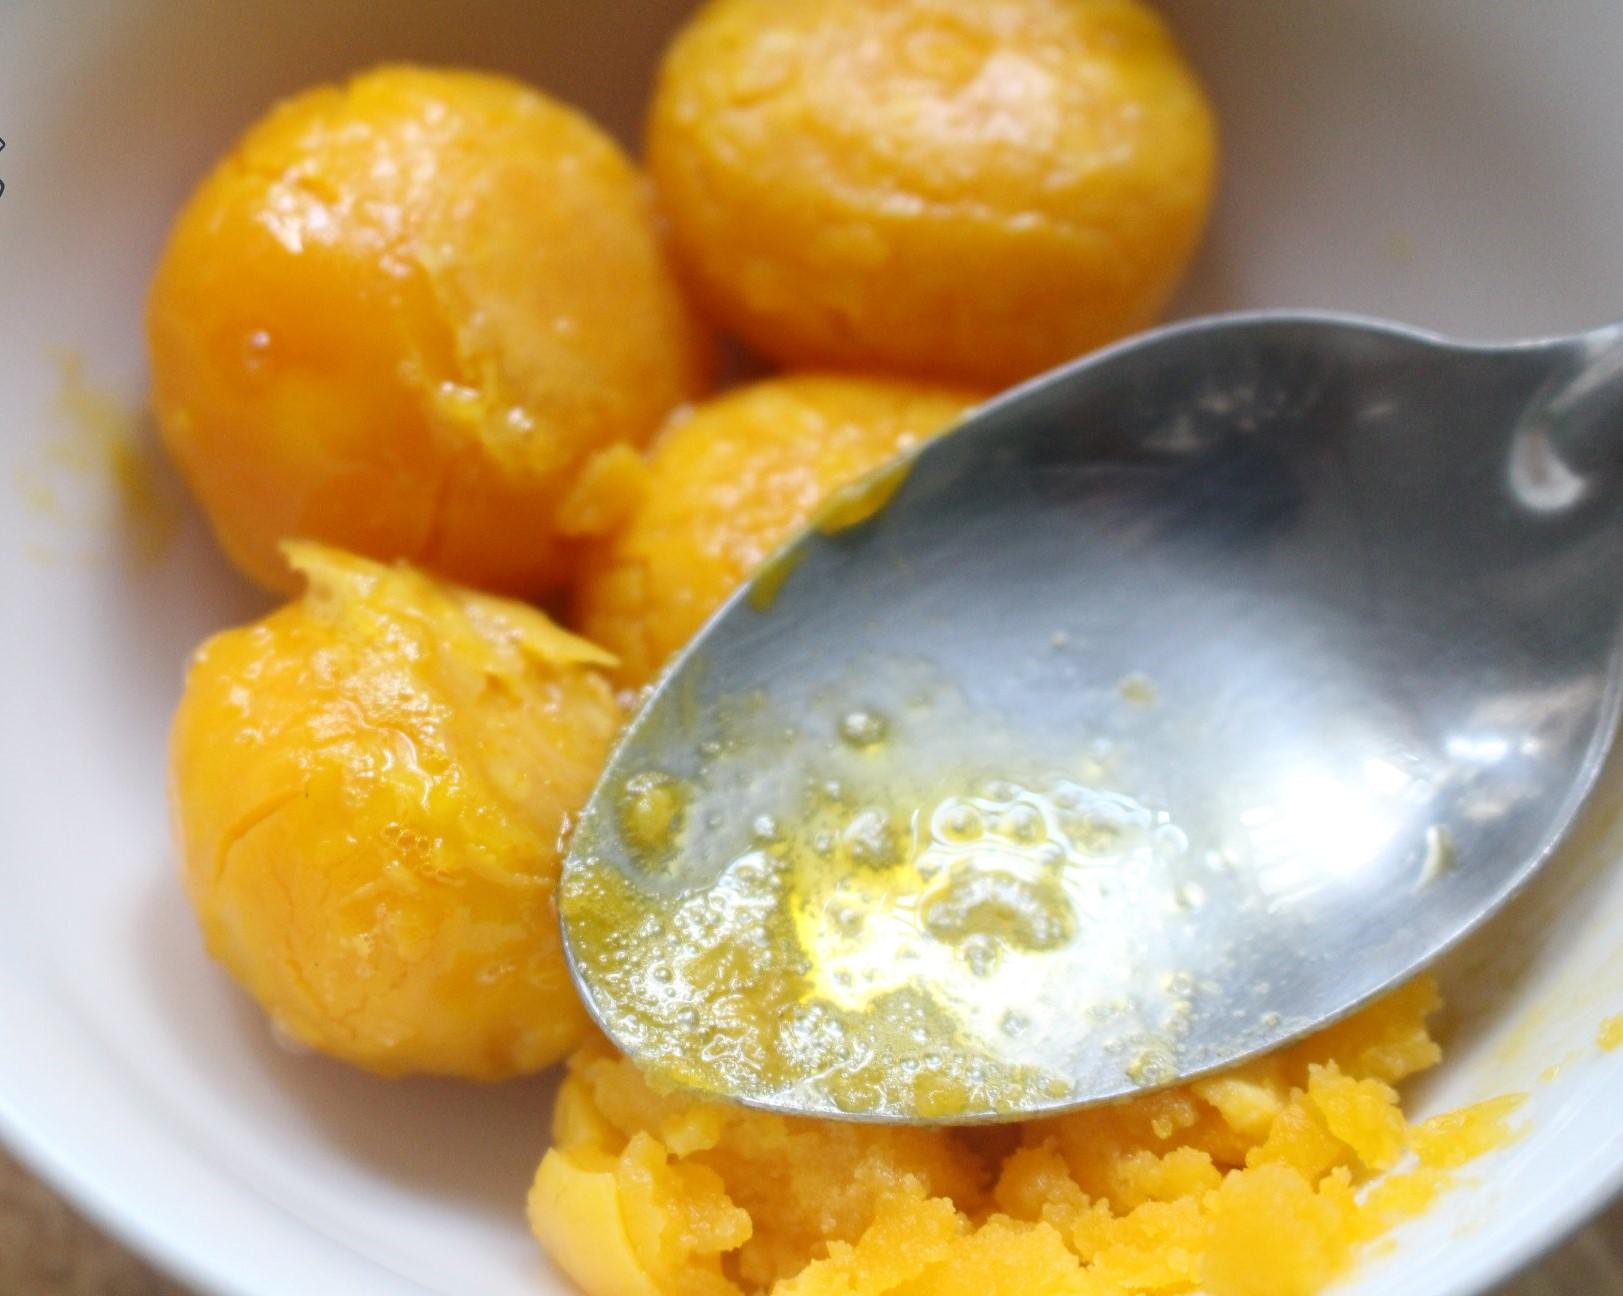 cách làm bánh bông lan 14 cách làm bánh bông lan Cách làm bánh bông lan trứng muối Castella cho thỏa cơn nghiện phô mai cach lam banh bong lan 14